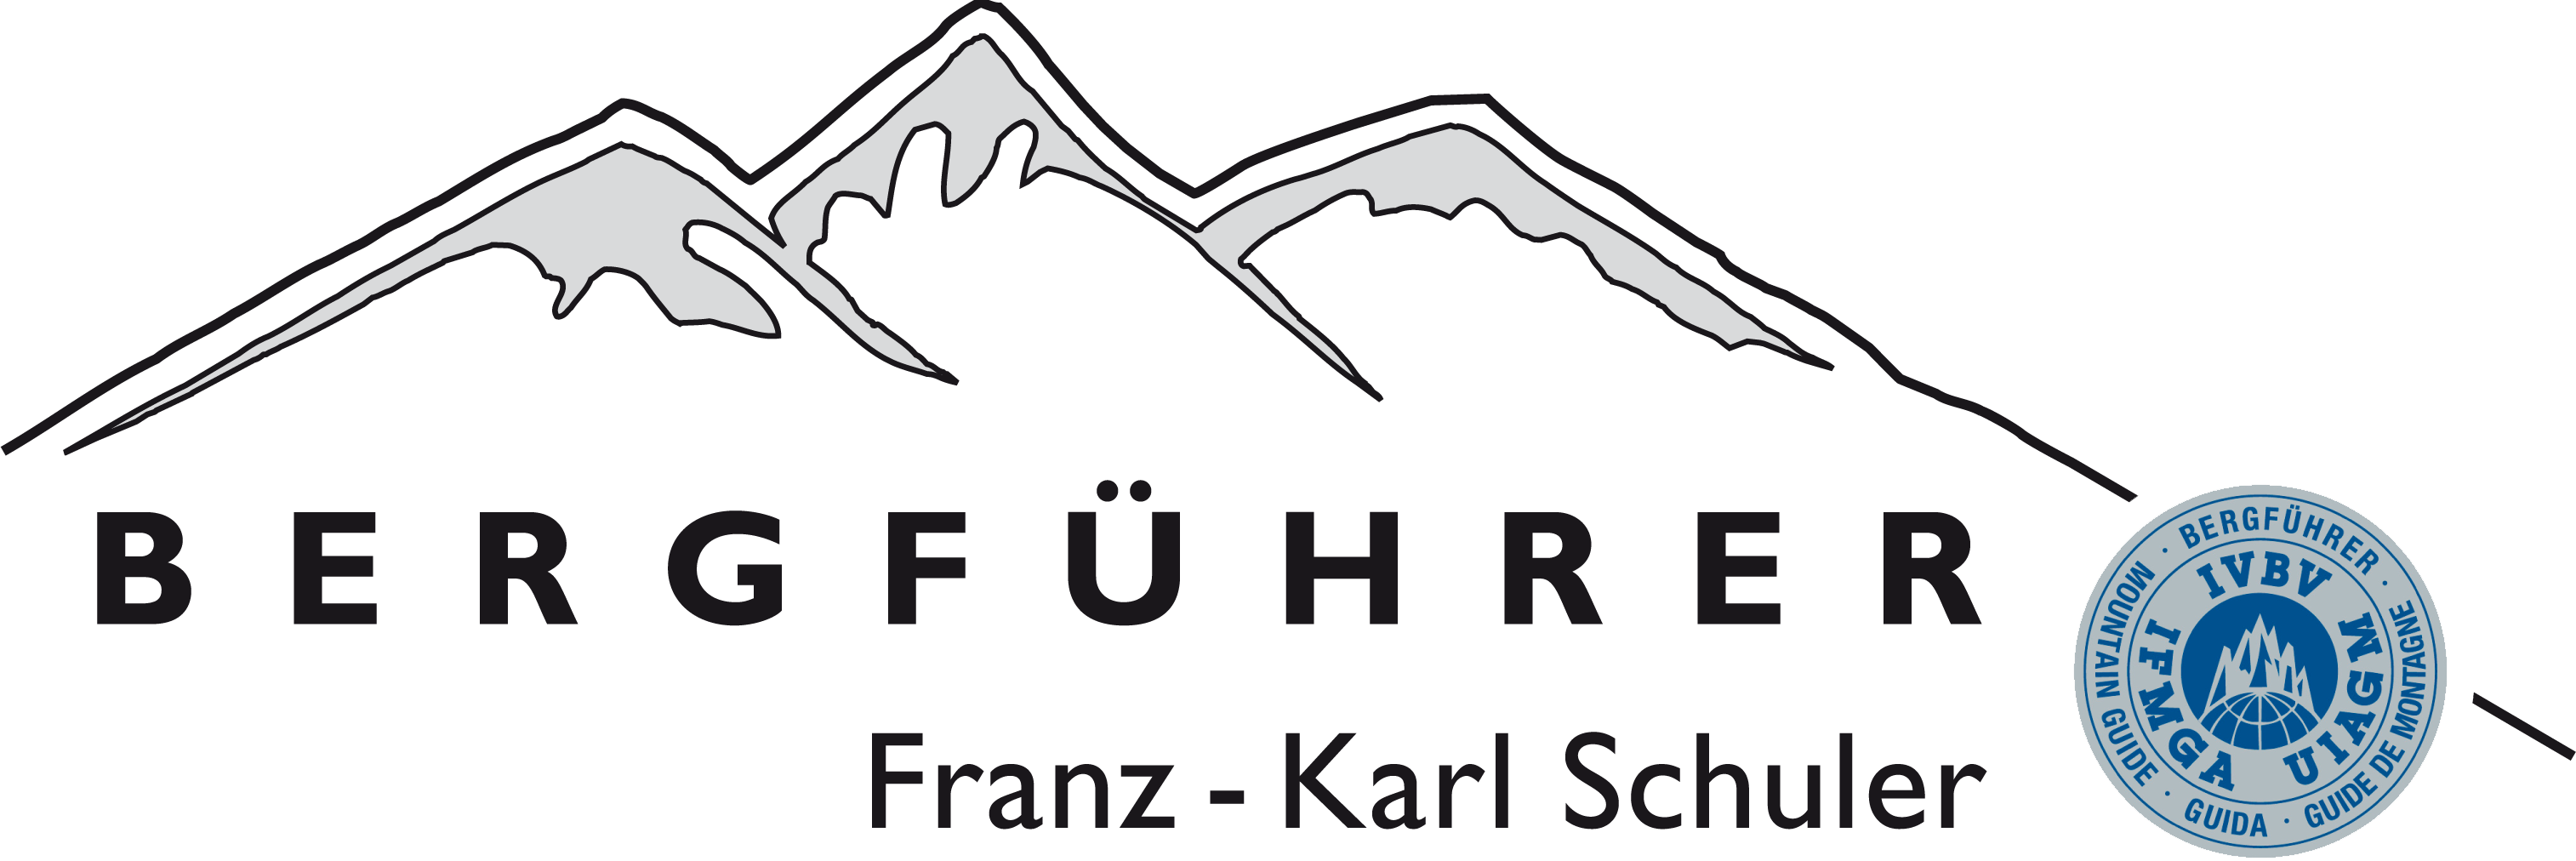 Franz Schuler